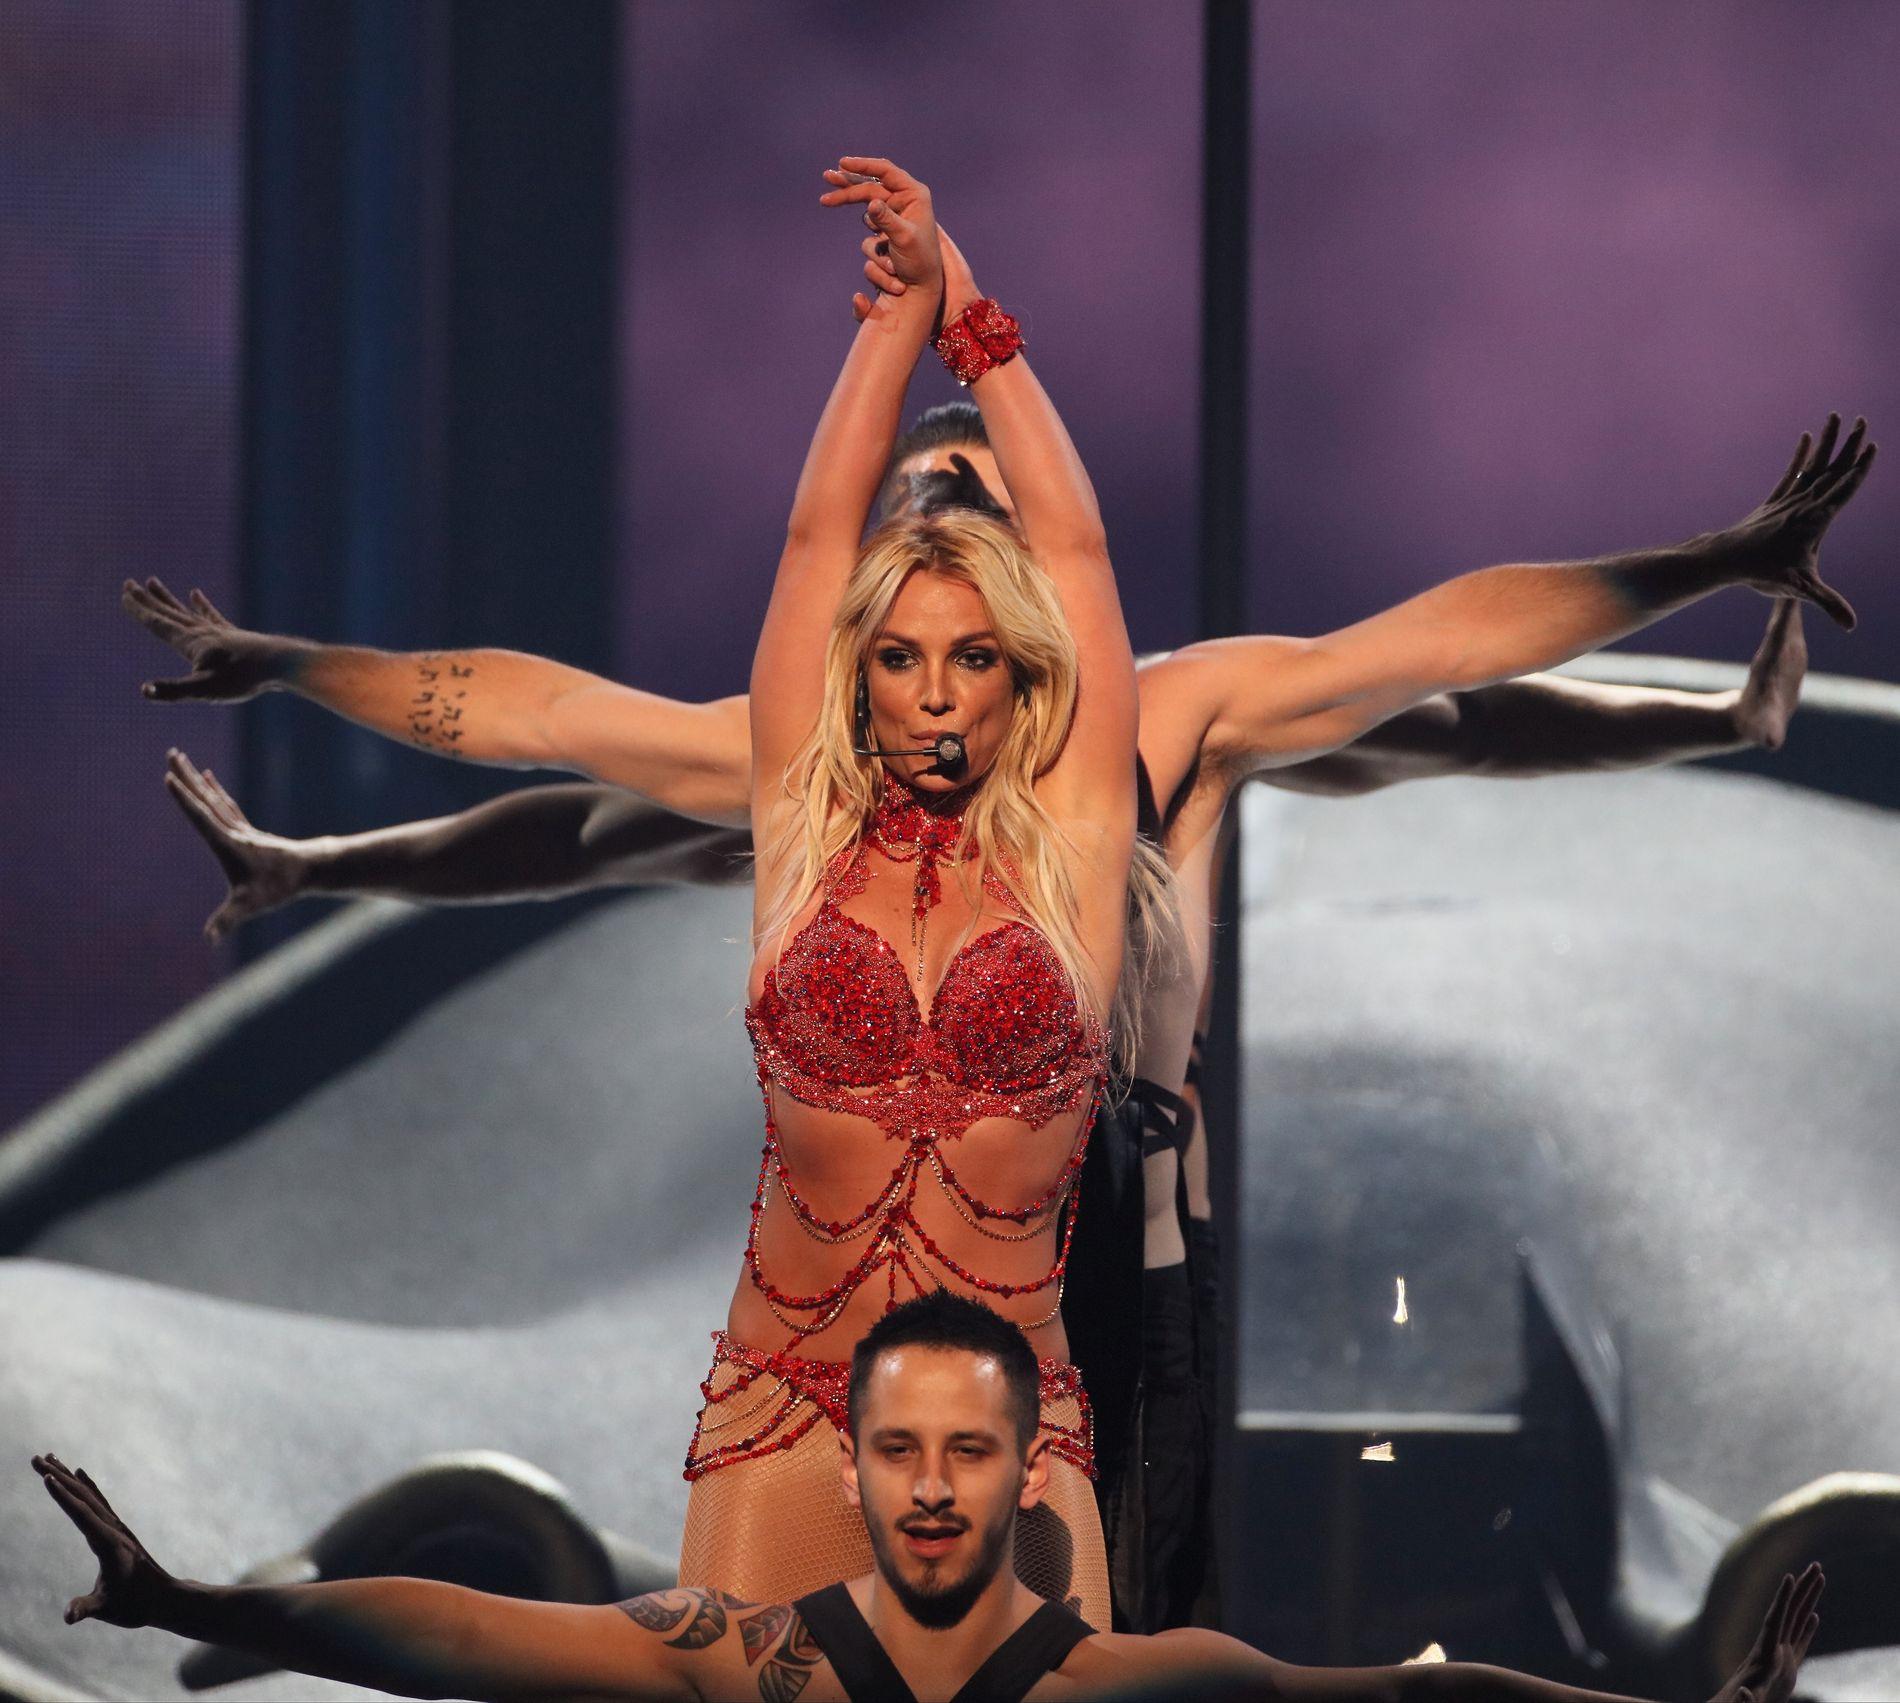 TILBAKE I OFFENTLIGHETEN: Britney Spears, her fra scenen på Billboard Music Awards i april, har virkelig tatt steget tilbake på verdensscenen siste månedene